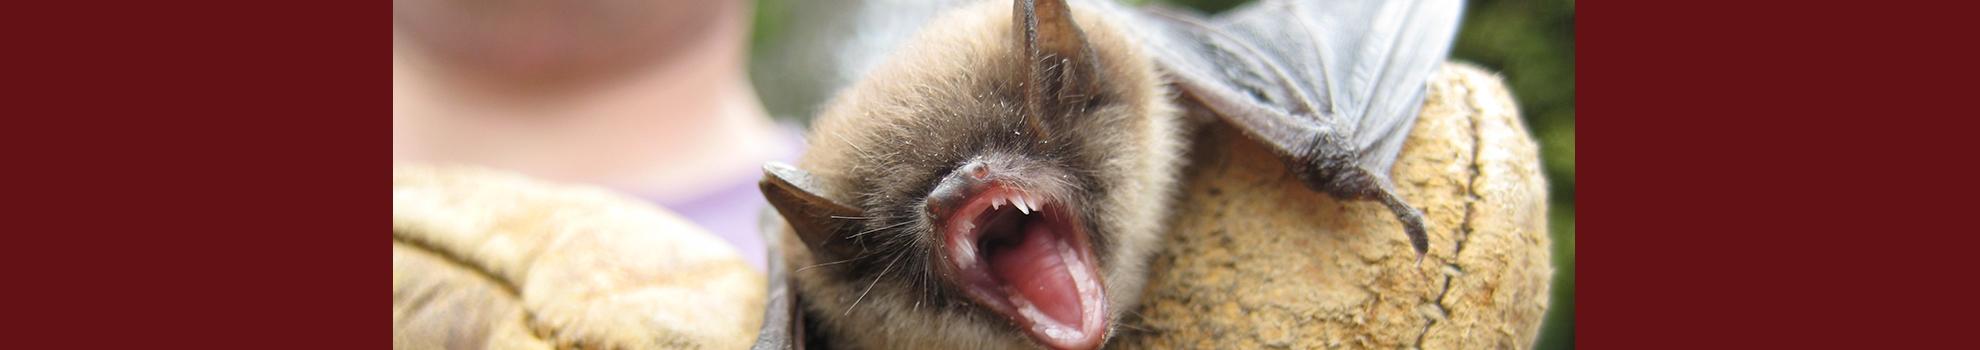 homepage-slider-bat